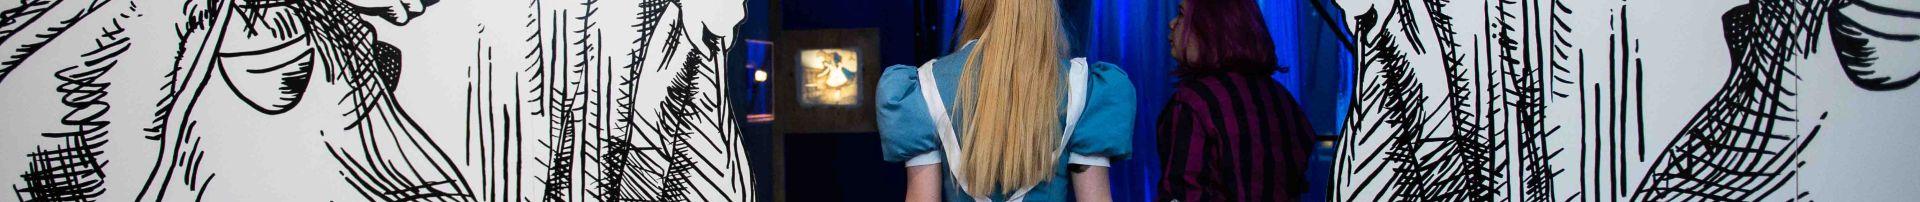 ACMI - Alice Through the Door. Photo by Phoebe Powell